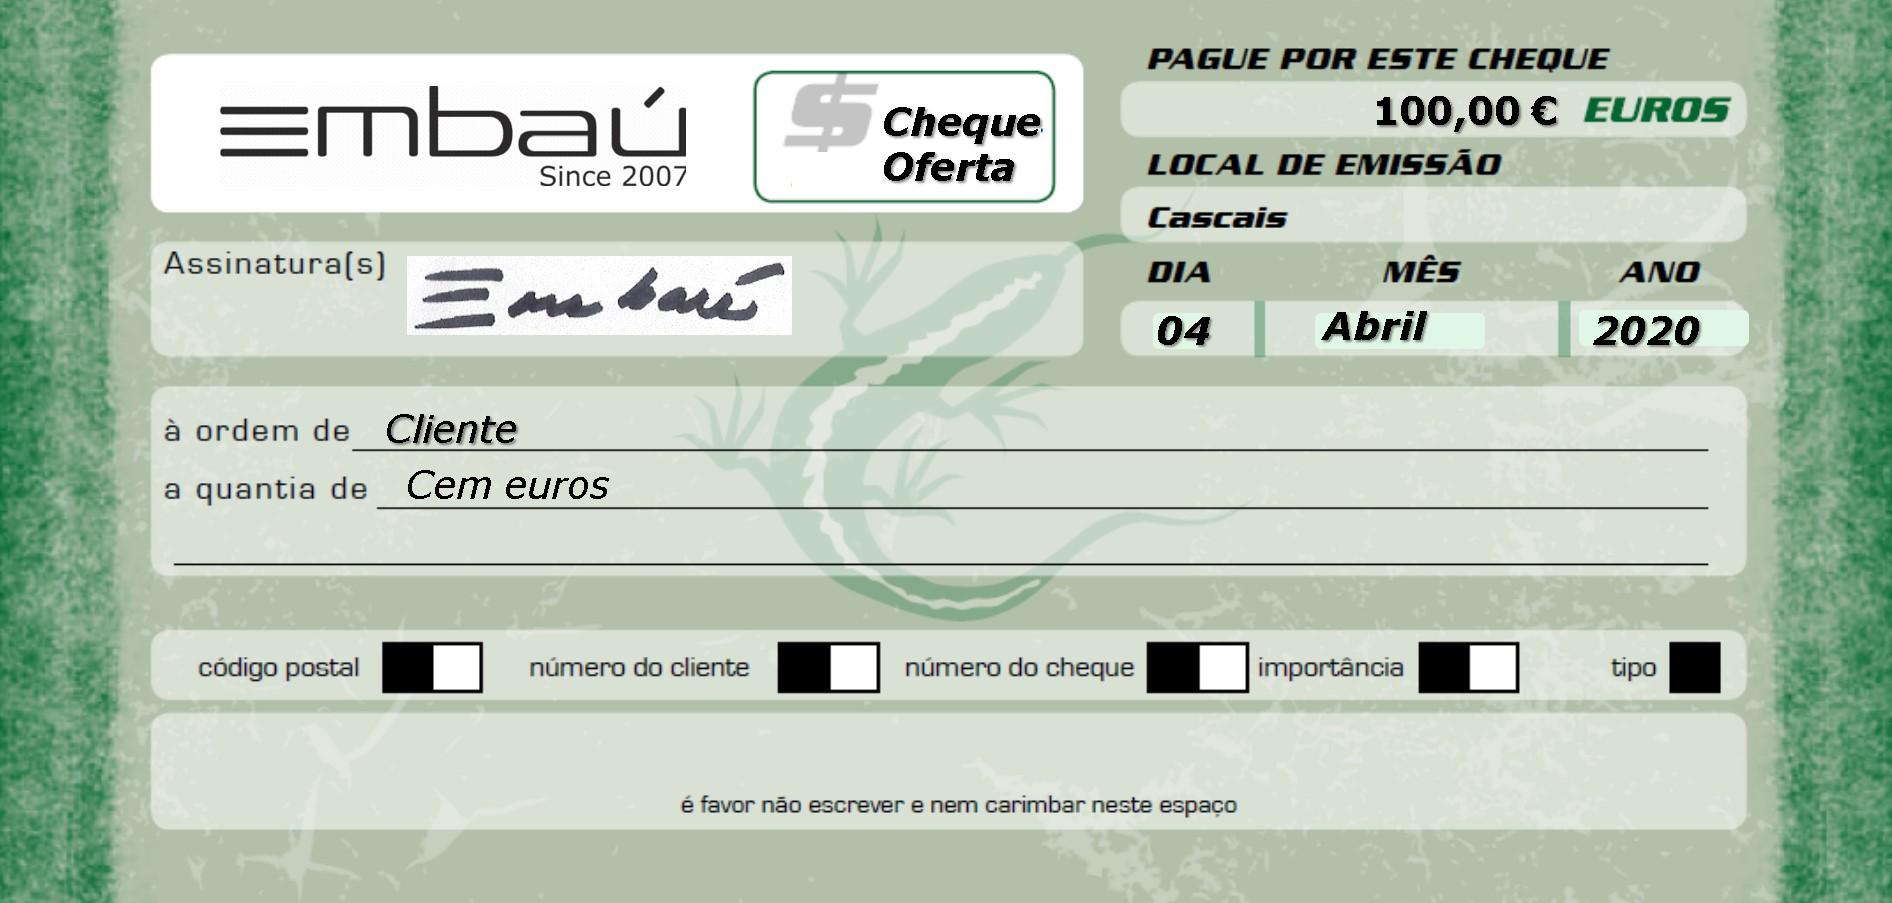 Cheque-Oferta Embaú 100